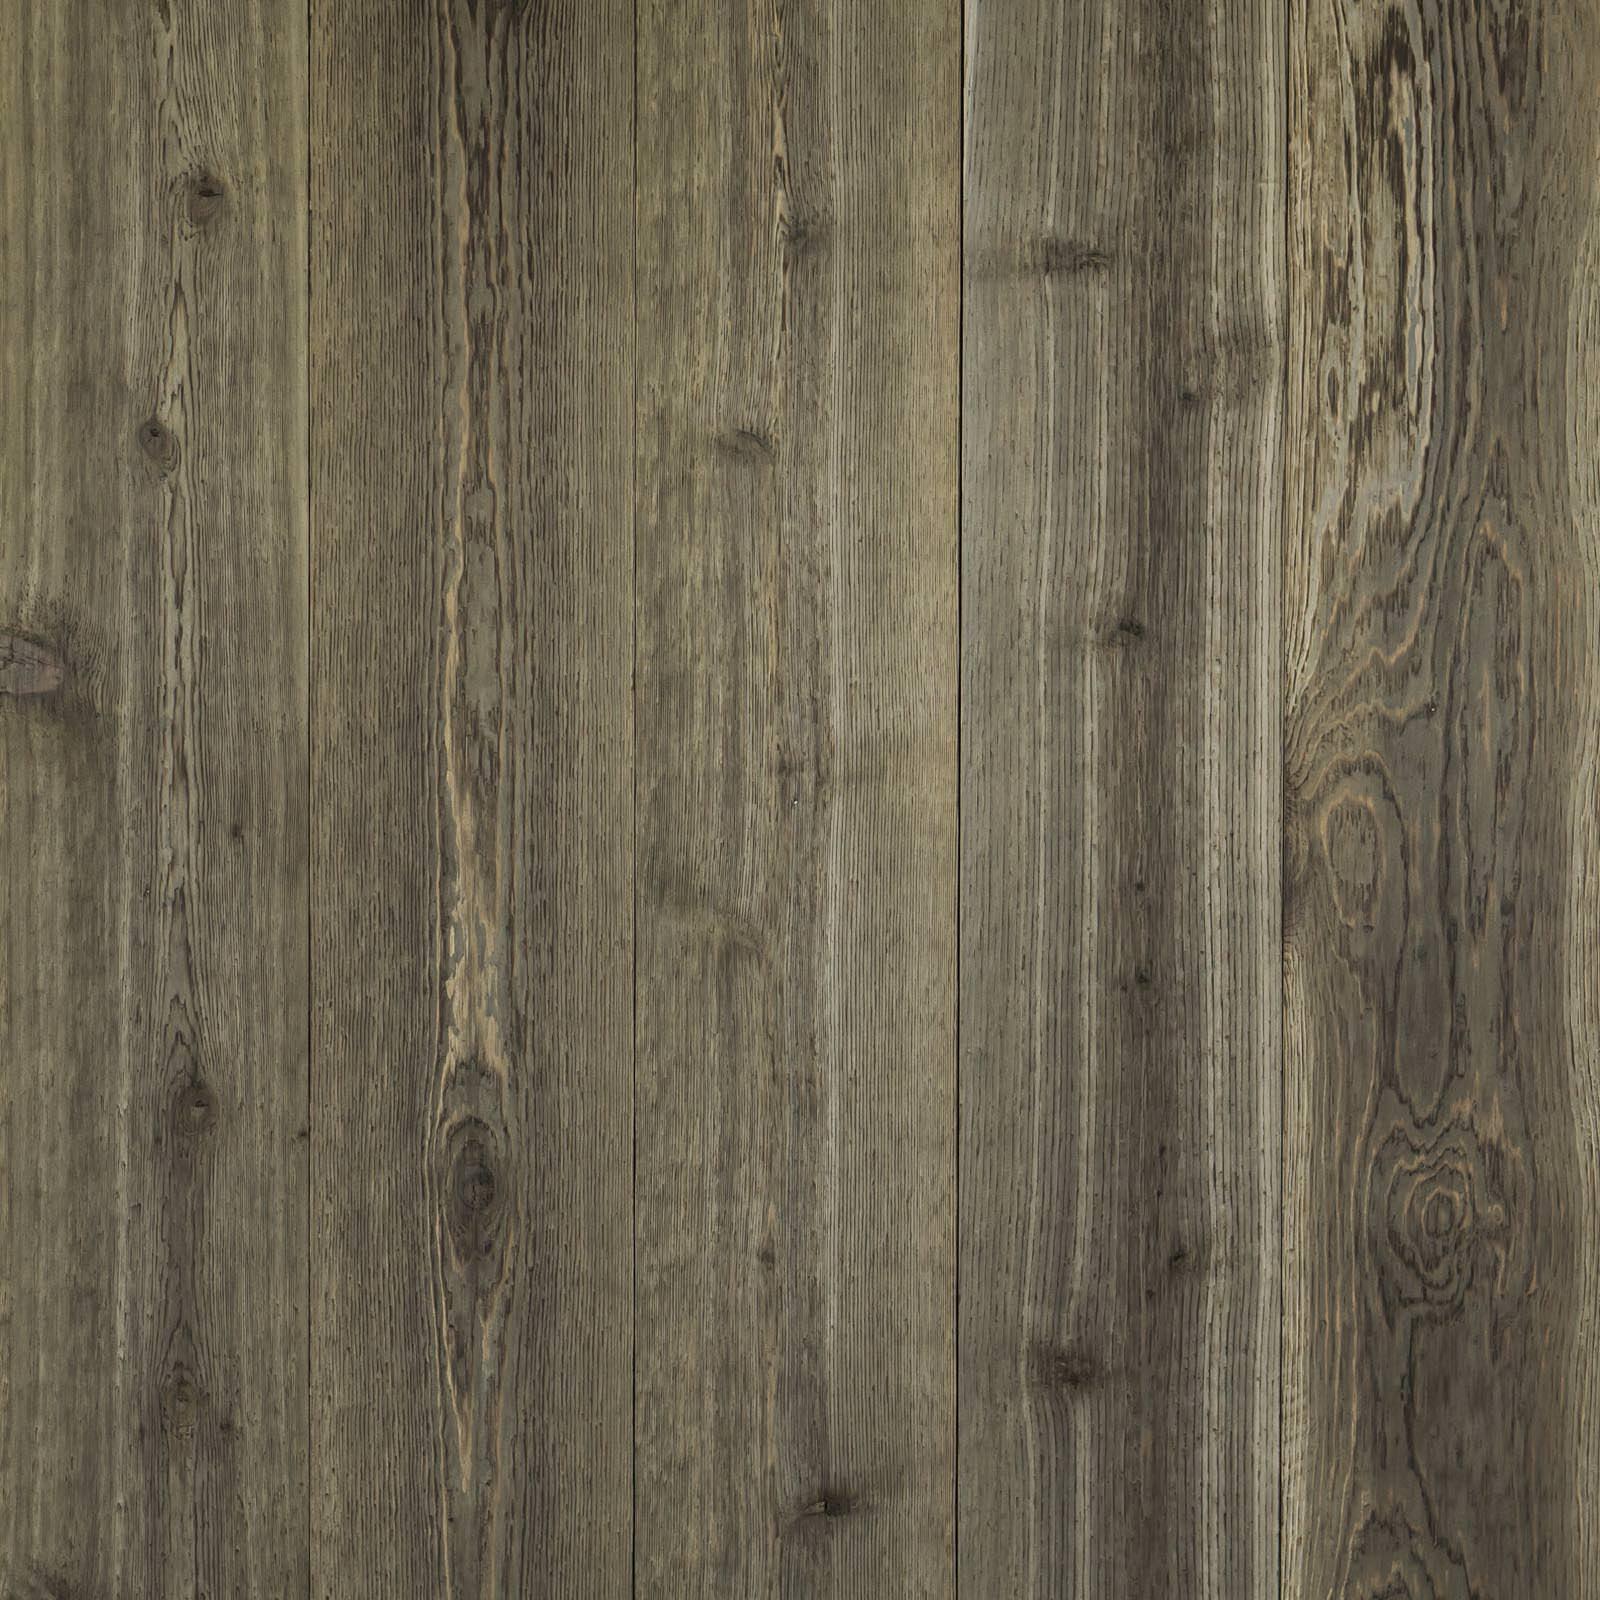 Driftwood <br>Standard